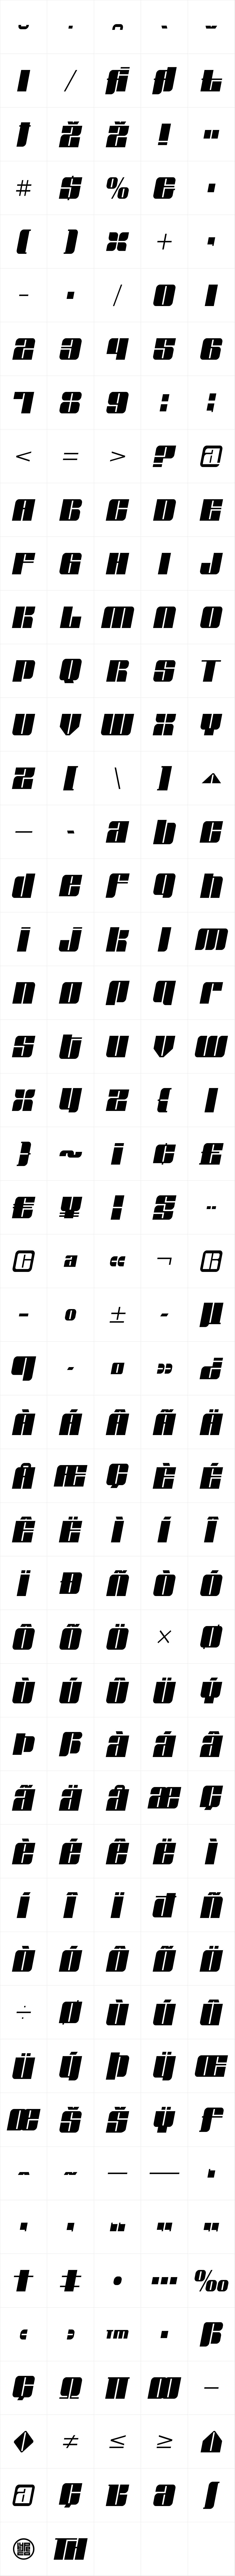 Glyphic Neue Wide Italic